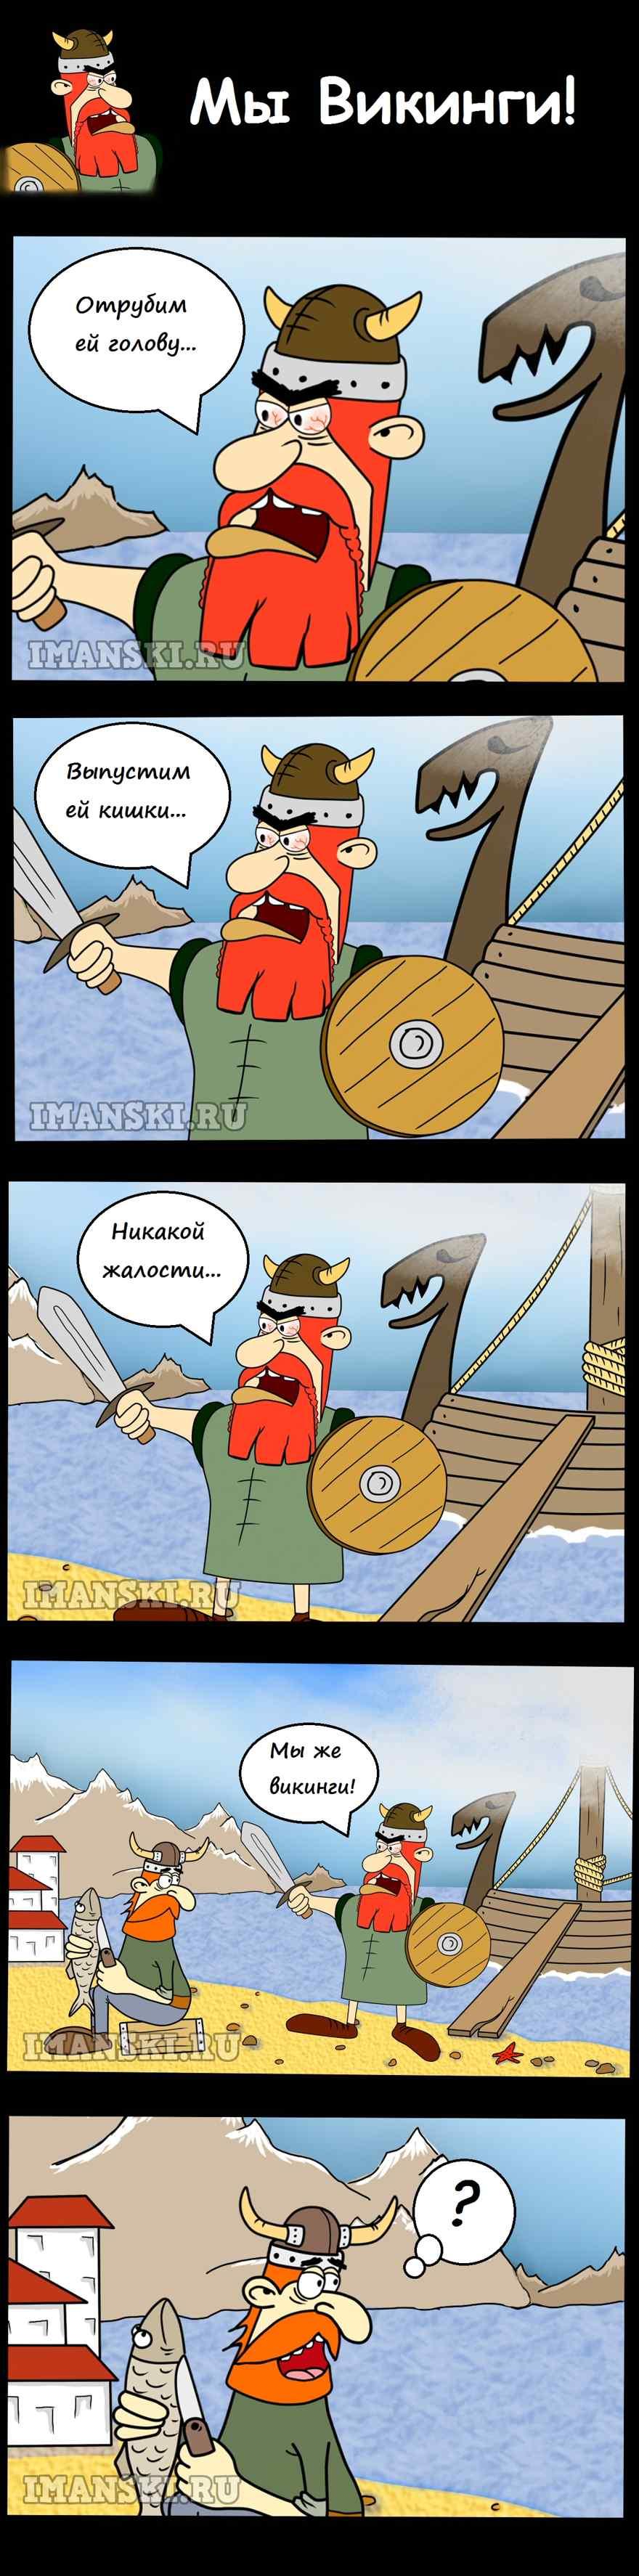 Викинги, Мы же викинги! Смешной комикс,